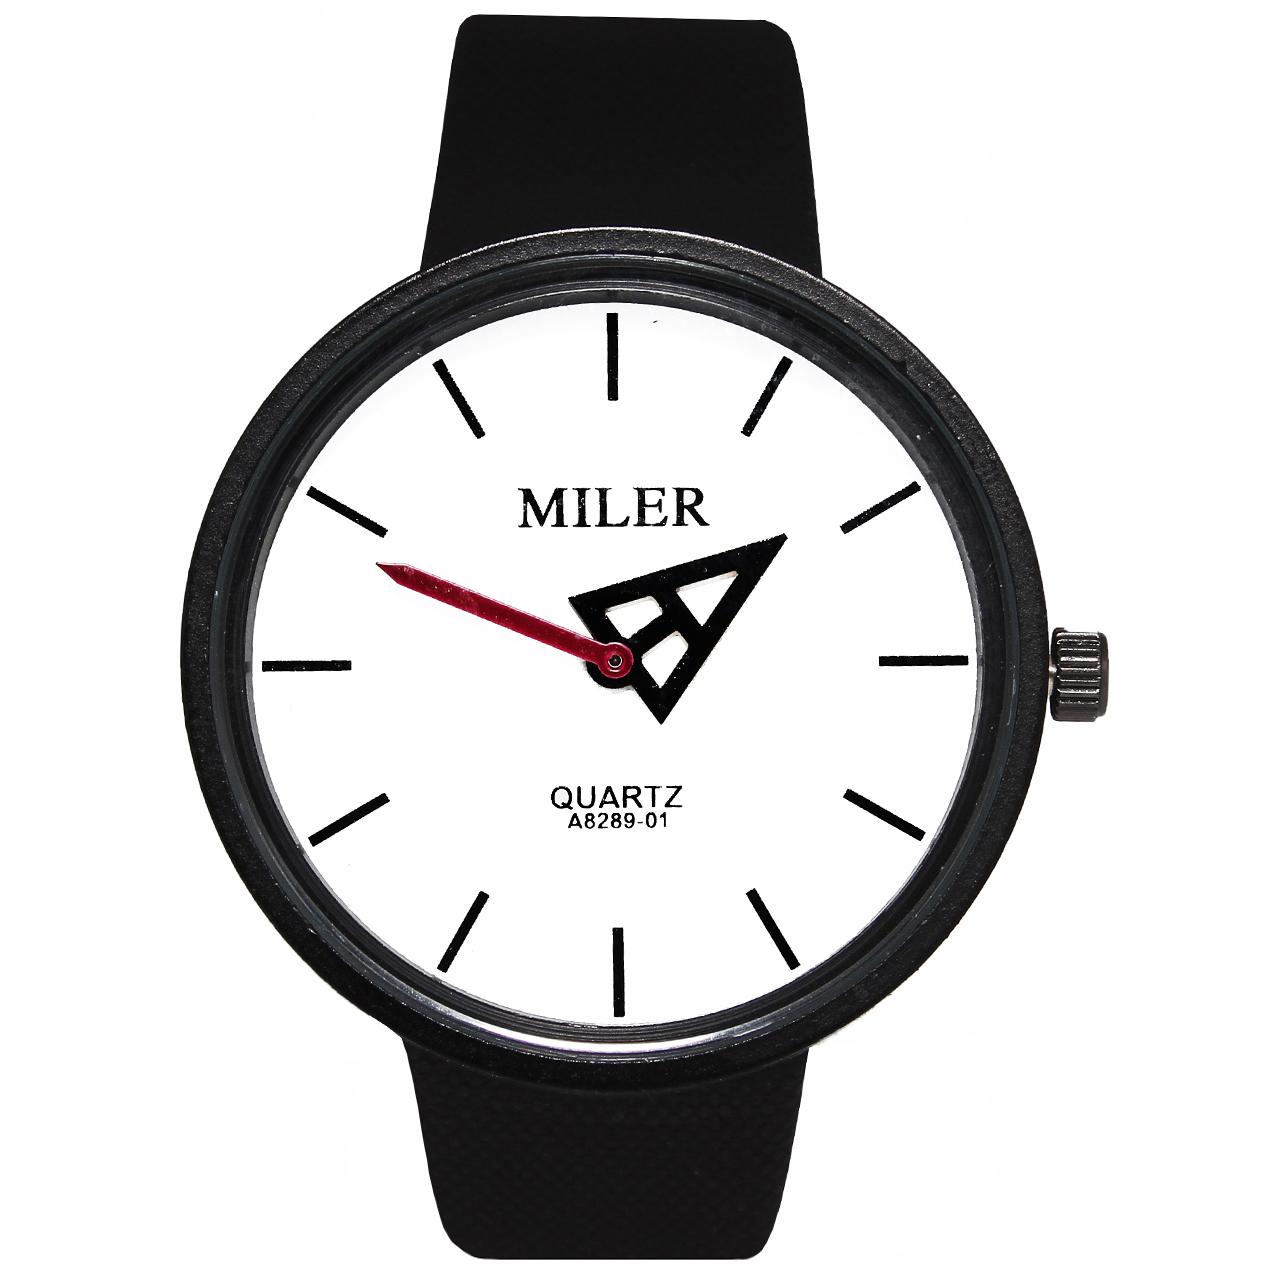 ساعت مچی عقربه ای مردانه و زنانه میلر مدل P4-21 44